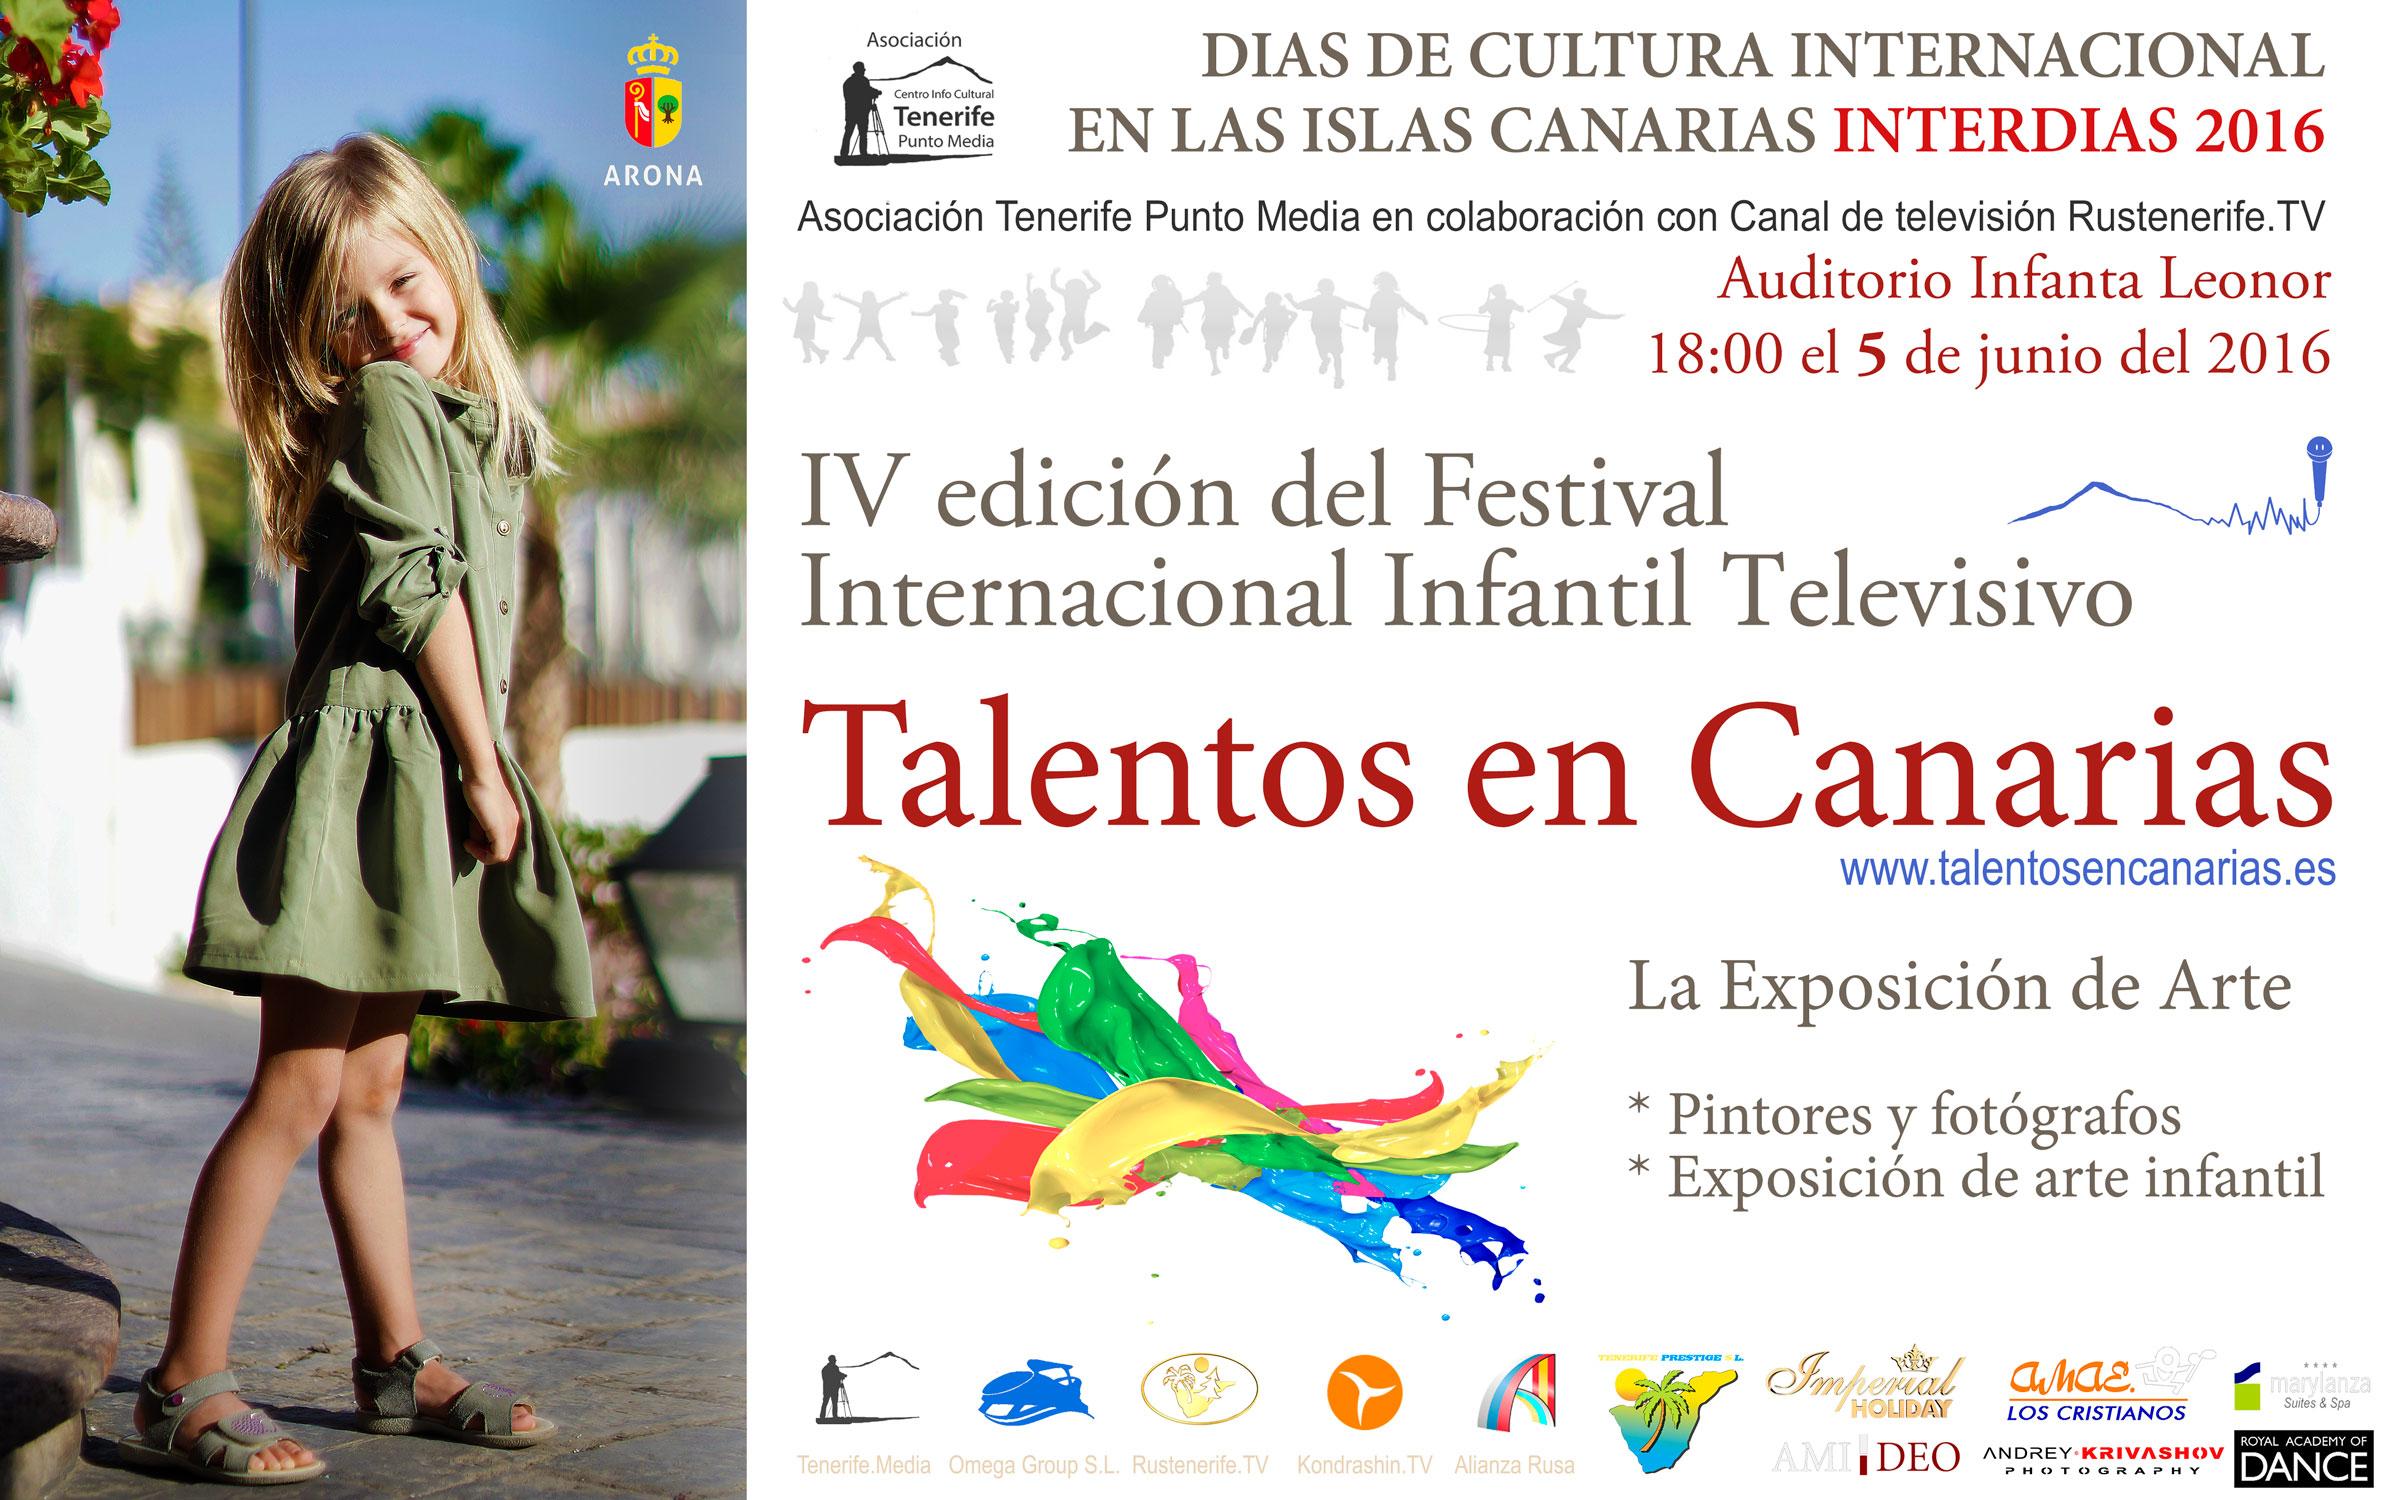 Конкурс талантов на Канарских островах 2016 (Talentos en Canarias)